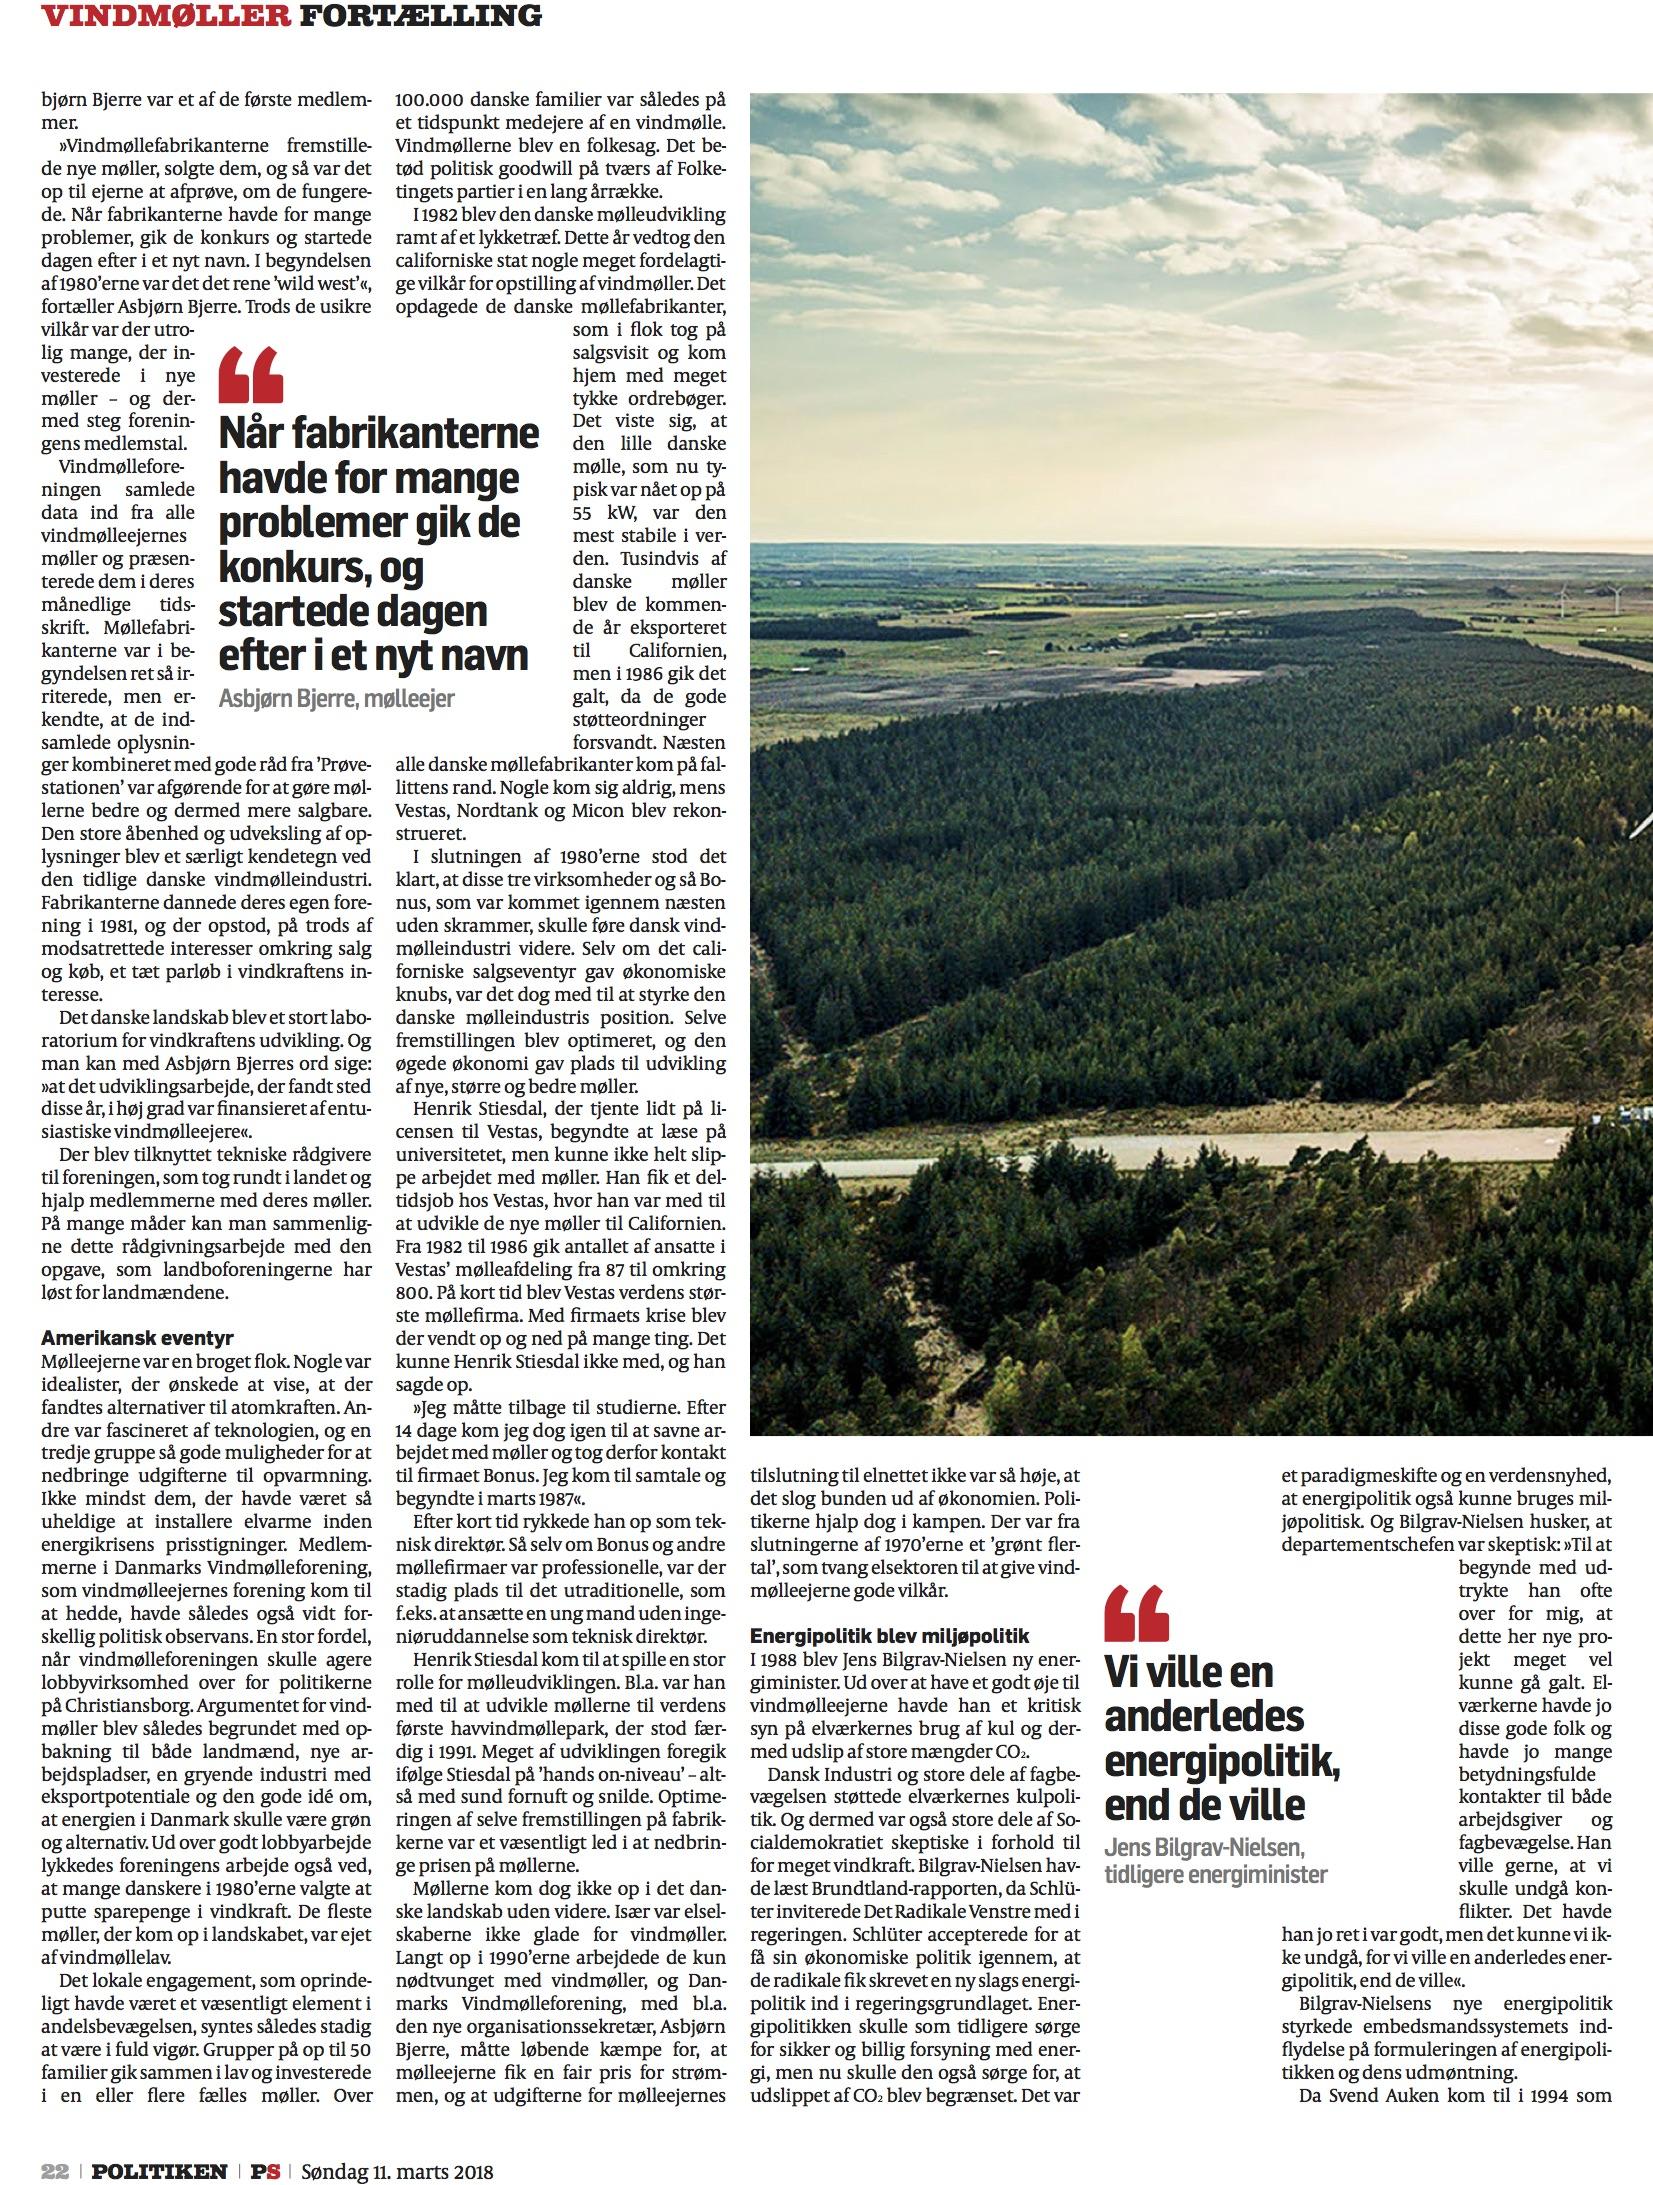 Da Danmark fik vindmøller - Politikken 10.marts3.jpg